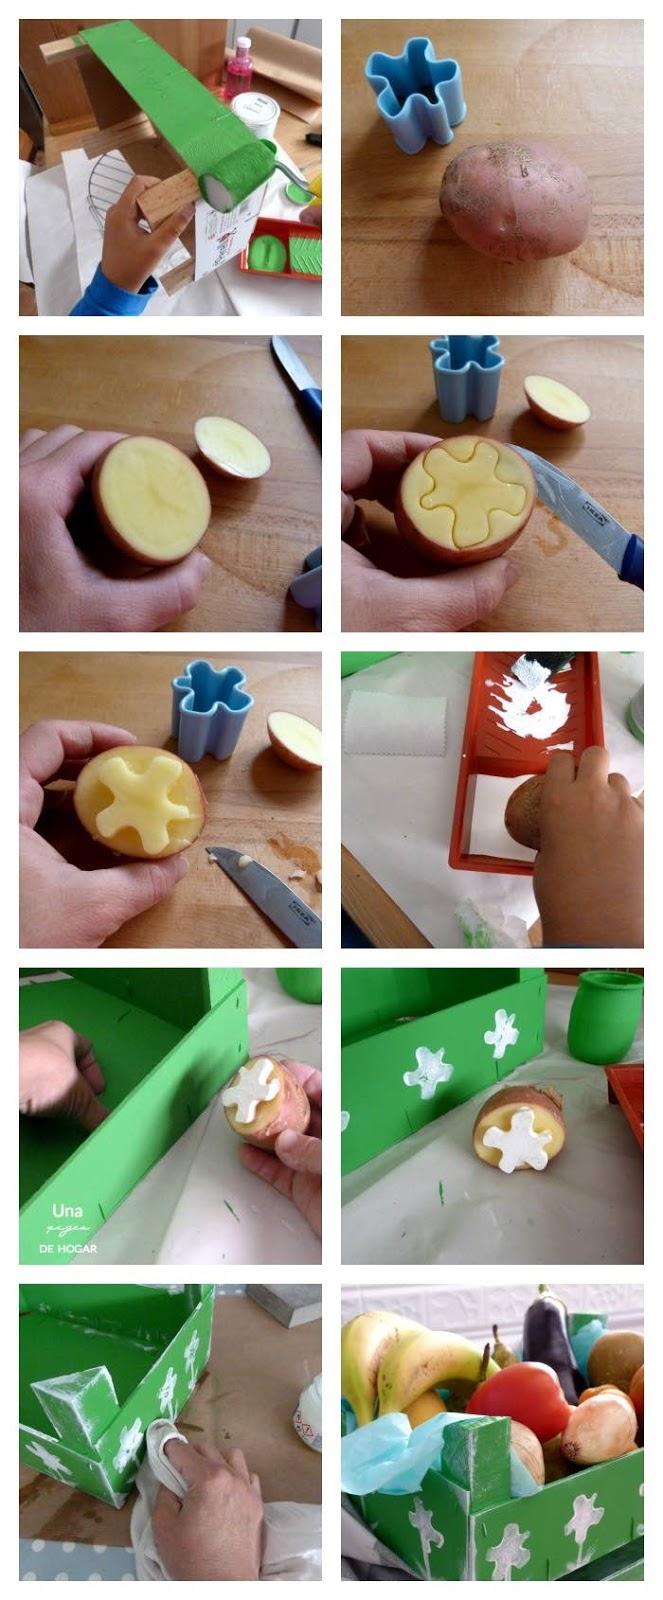 proceso para estampar una patata con pintura